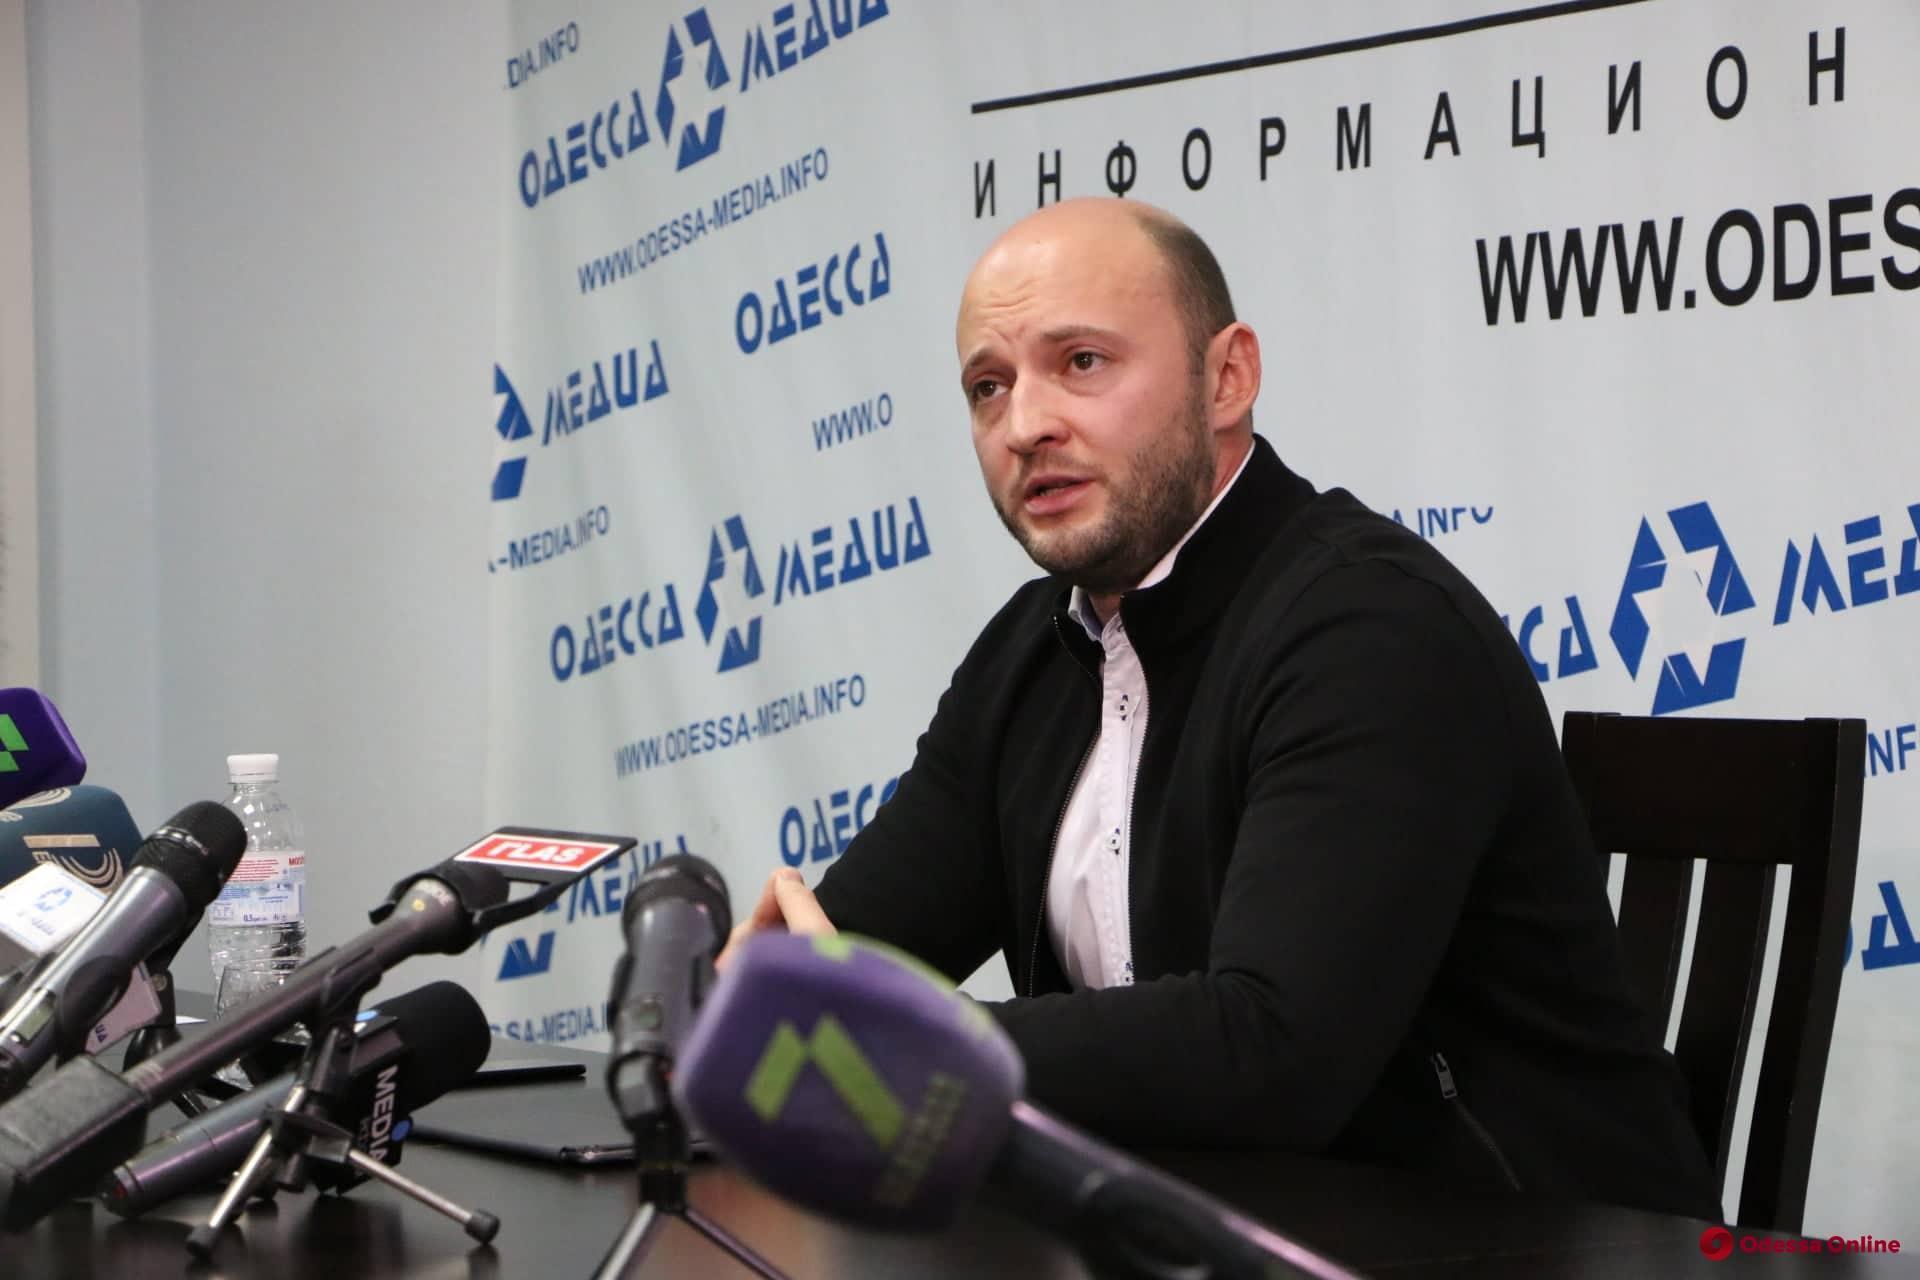 Одесский застройщик подал в суд на активиста за оскорбление